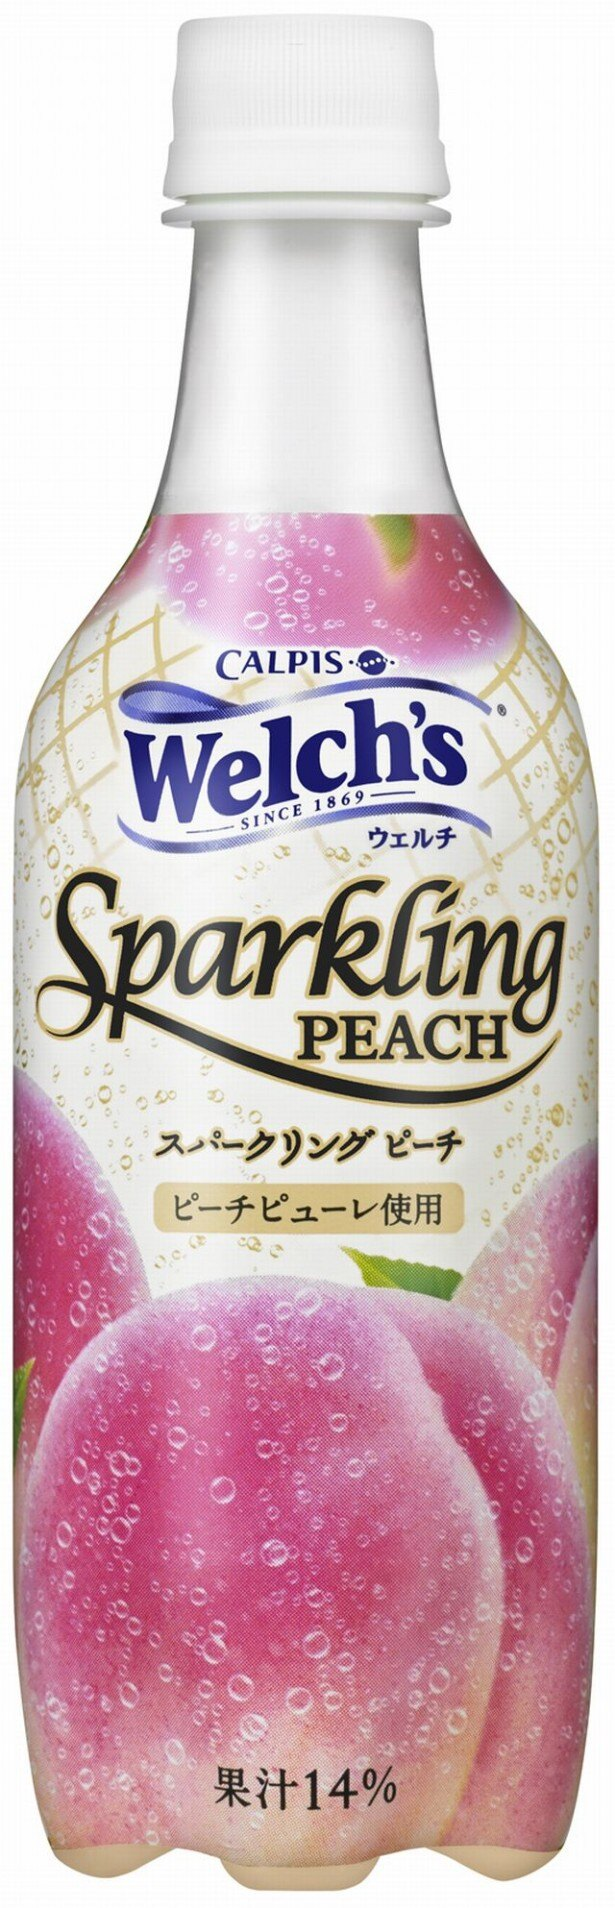 果実を裏ごししたピーチピューレを使用した「Welch's スパークリング」(450mlペットボトル 税抜140円)は12月1日(月)より発売